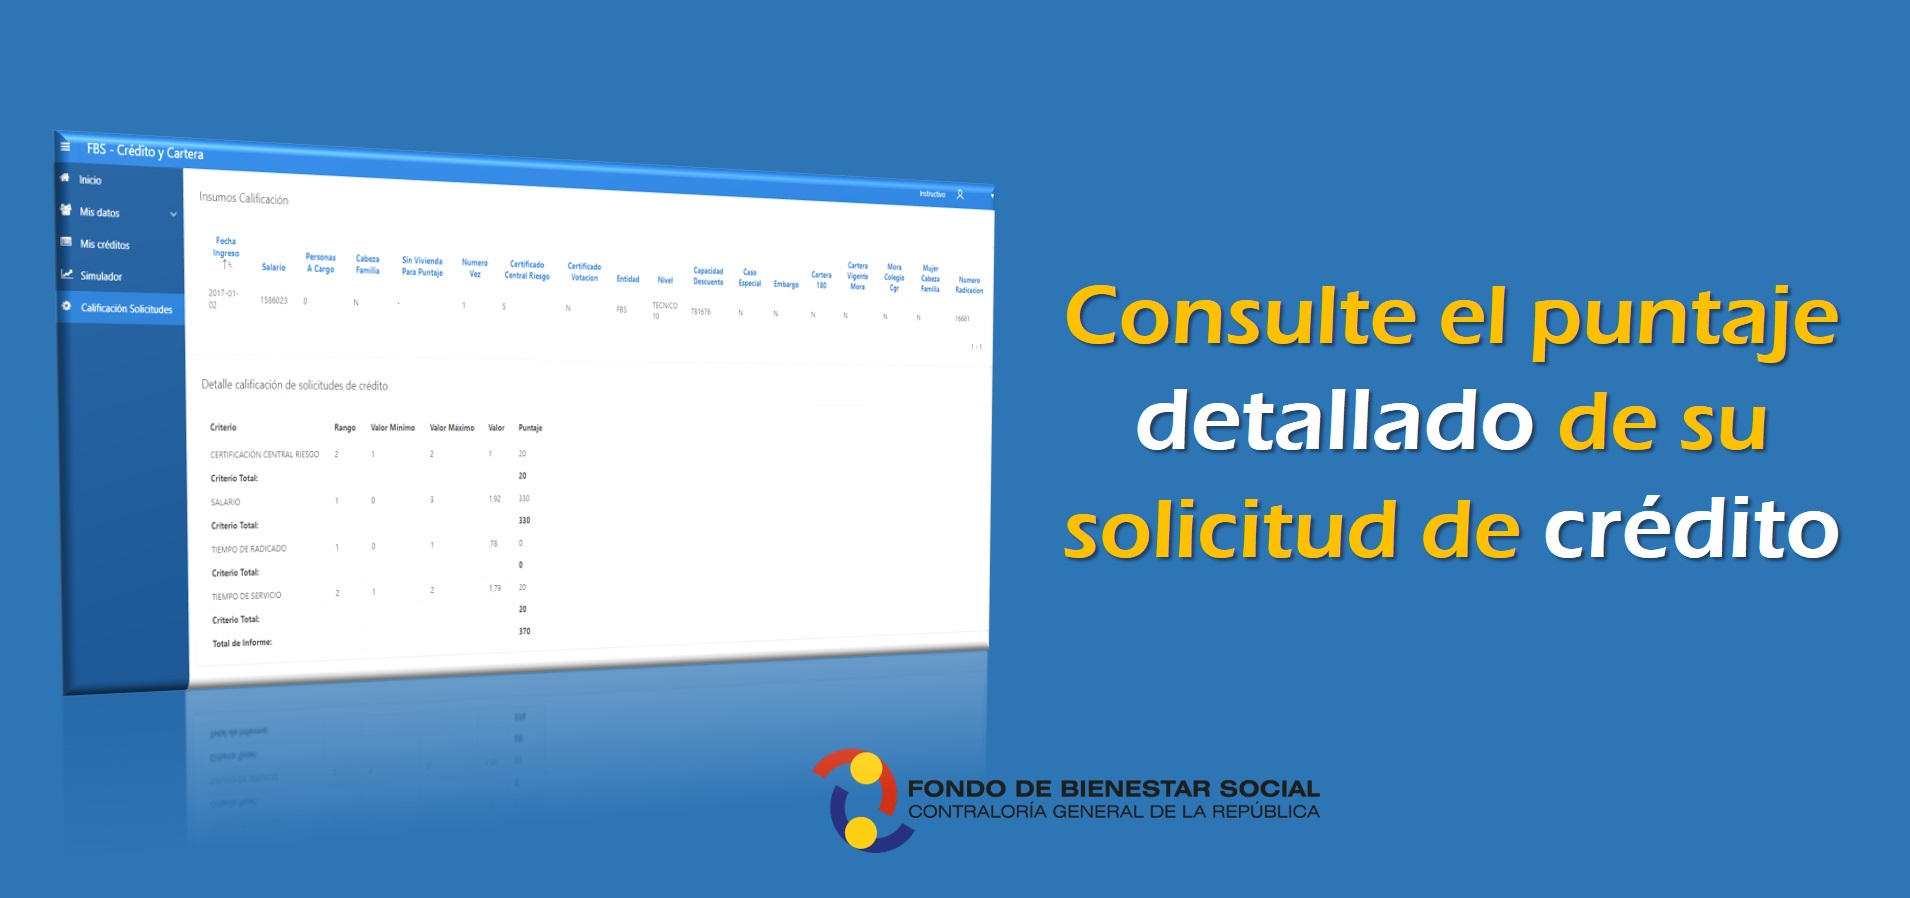 Informacion Consulte el Puntaje Detallado de su Solicitud de Crédito